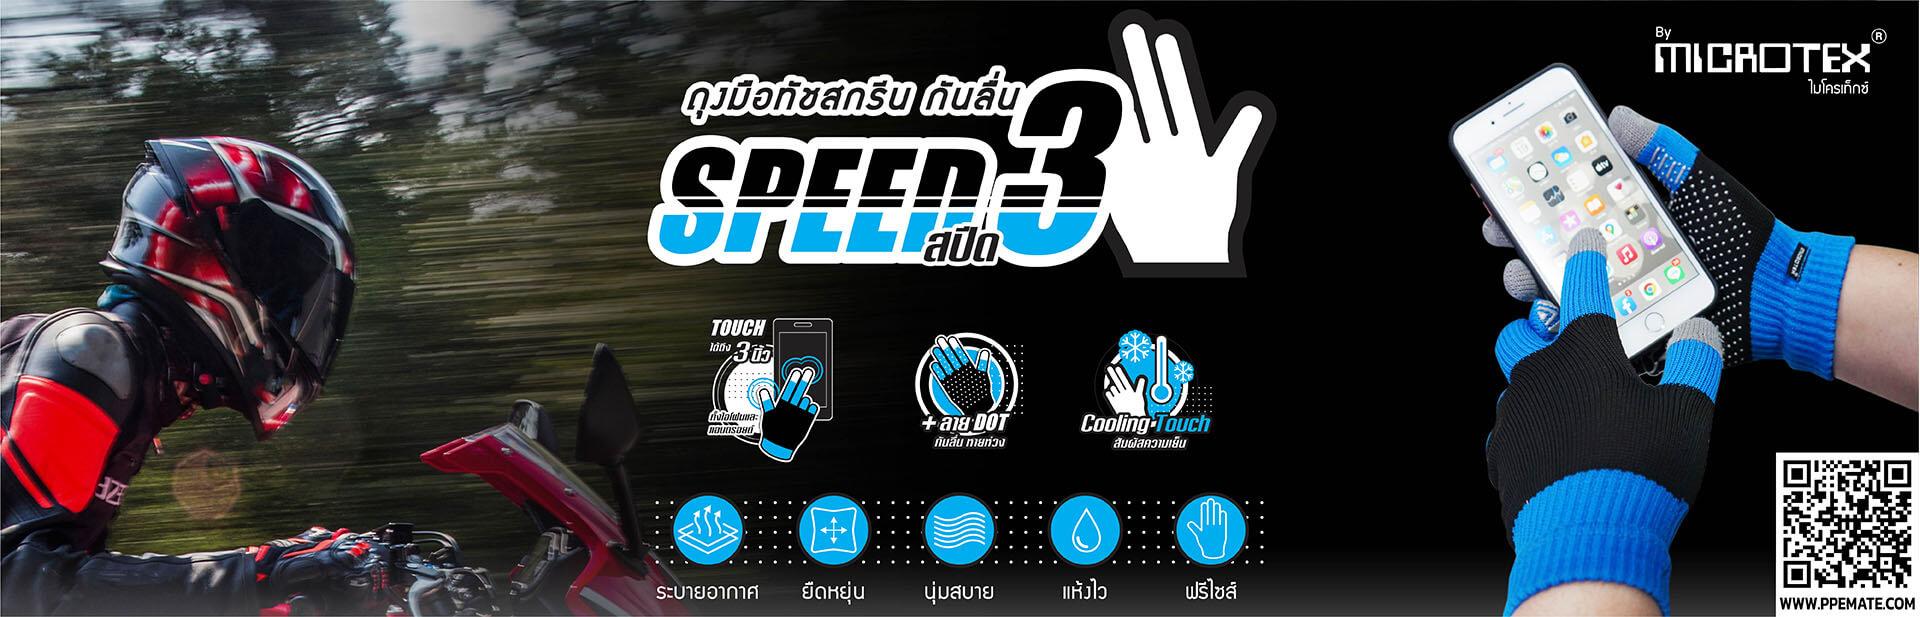 ถุงมือทัชสกรีนกันลื่น รุ่น MICROTEX® SPEED3